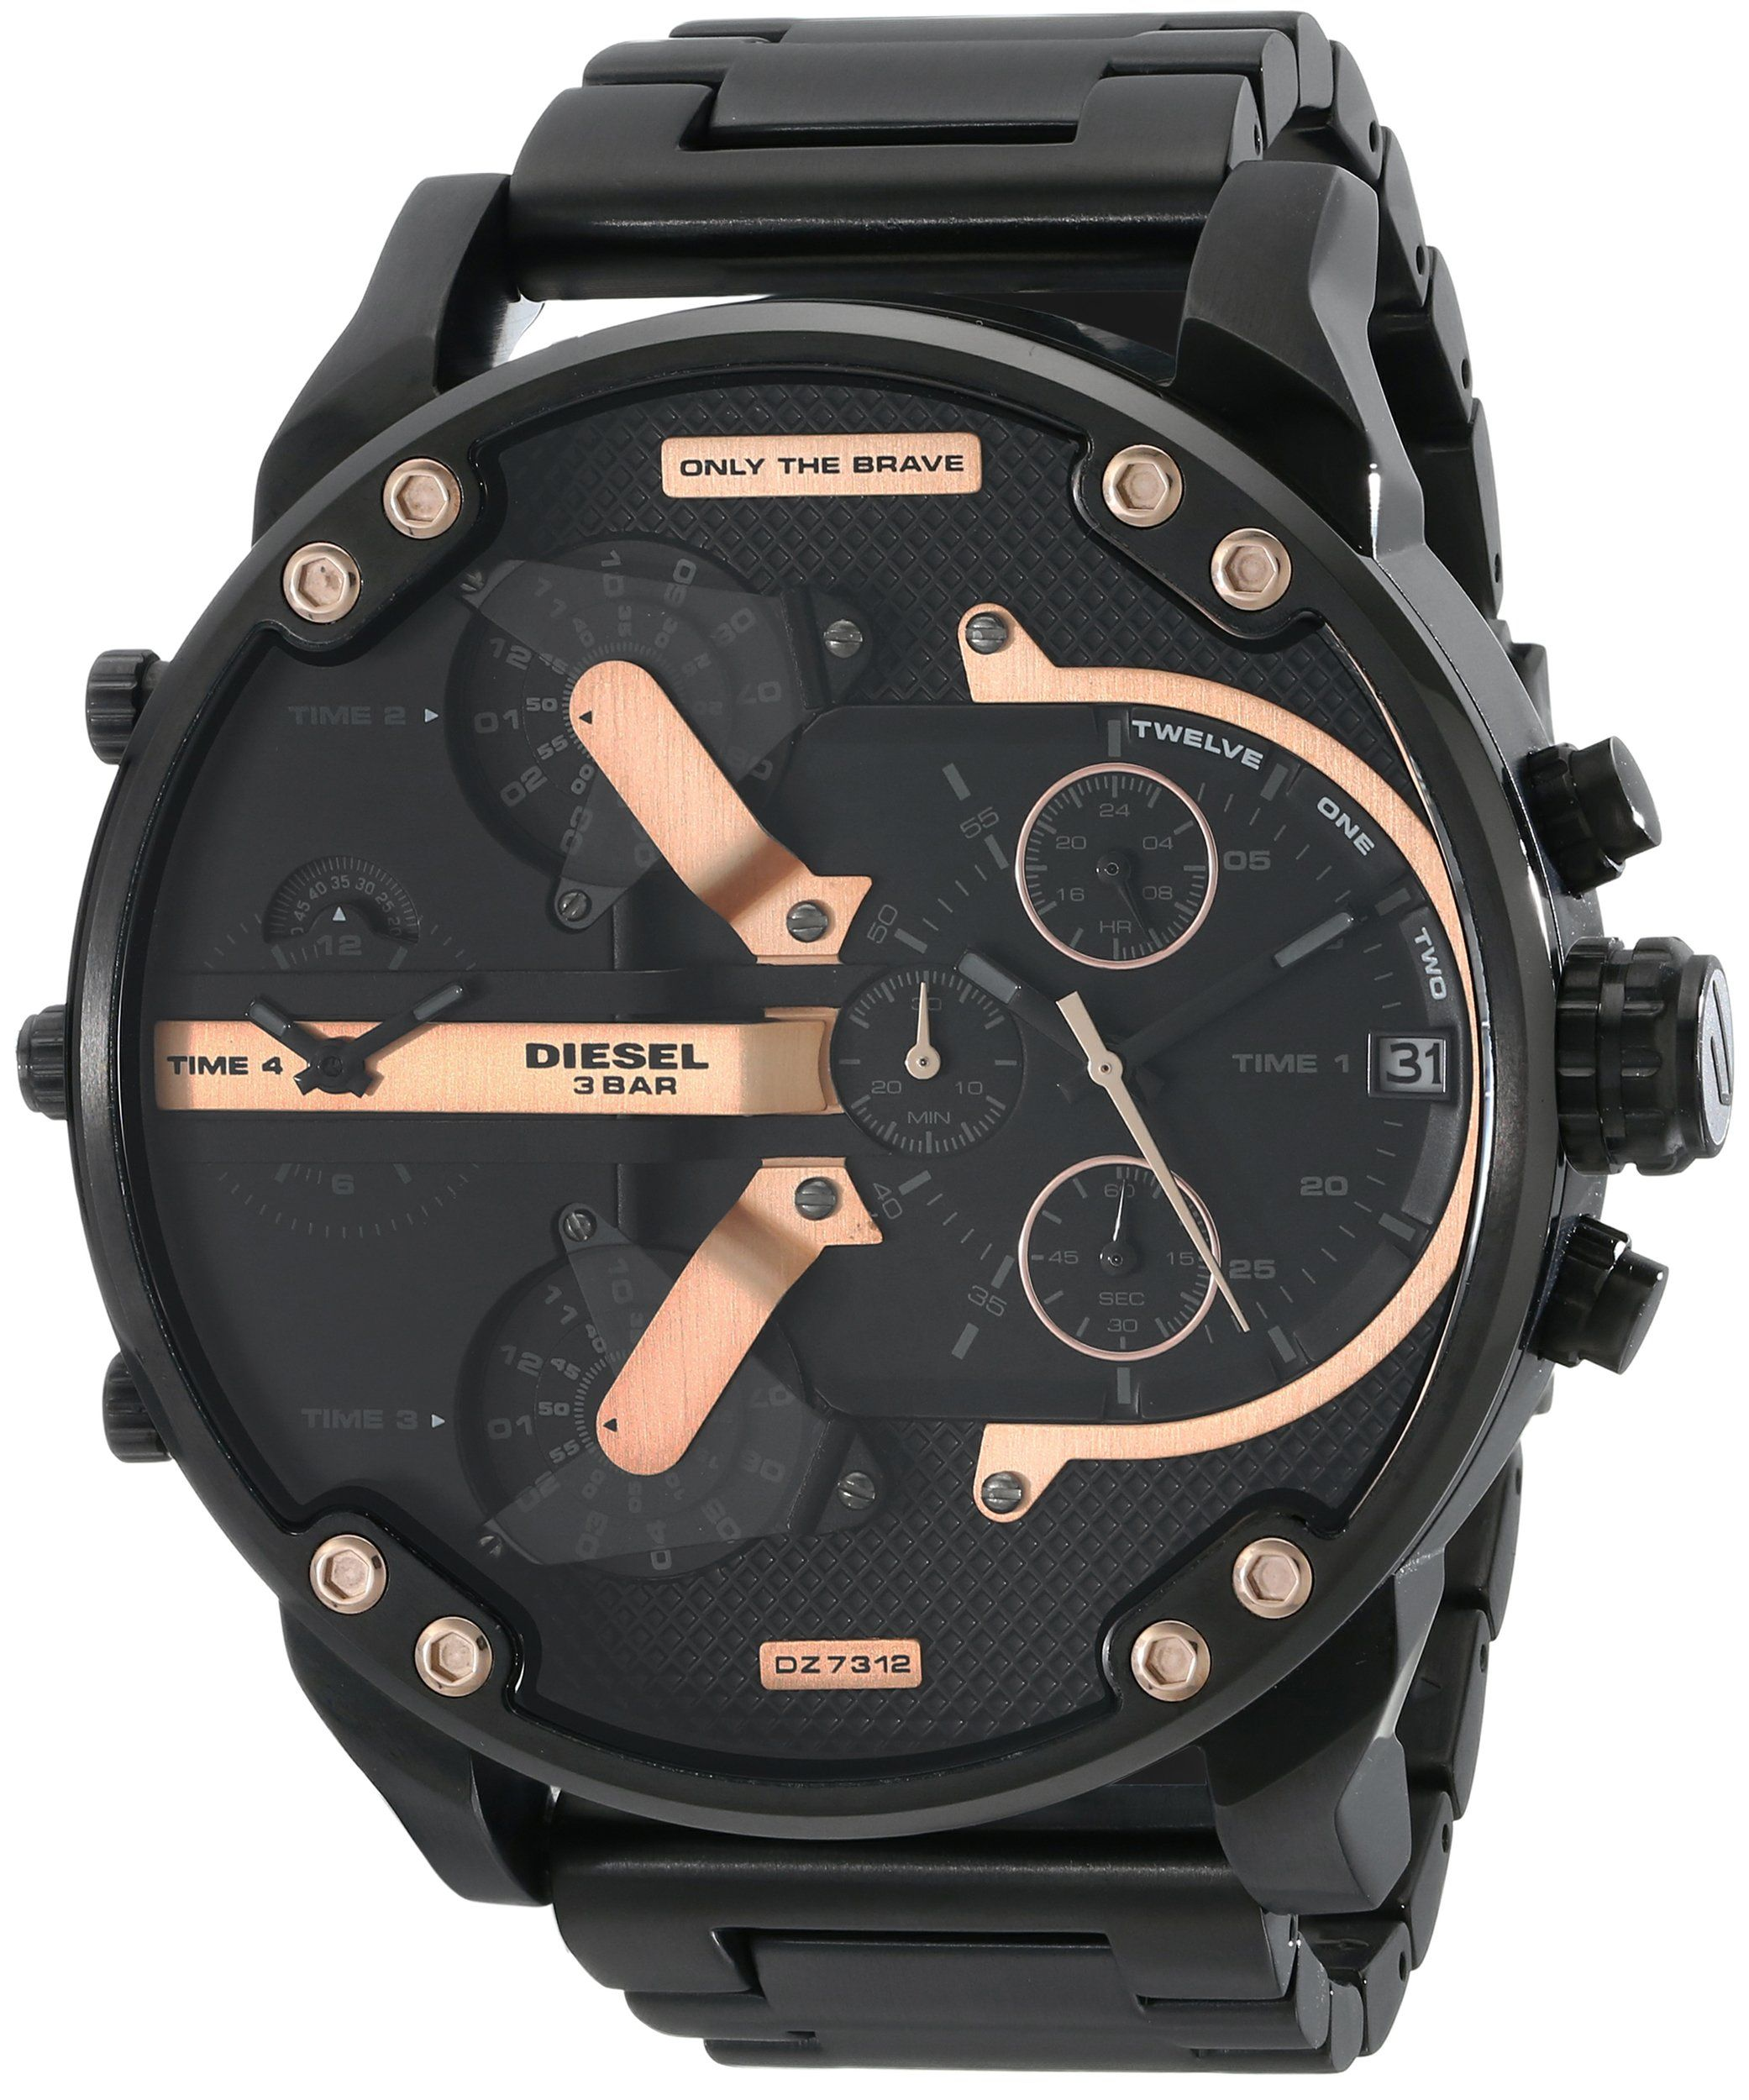 19b052151fe8 Amazon.com  Diesel Men s DZ7312 The Daddies Series Analog Display Analog  Quartz Black Watch  Diesel  Watches